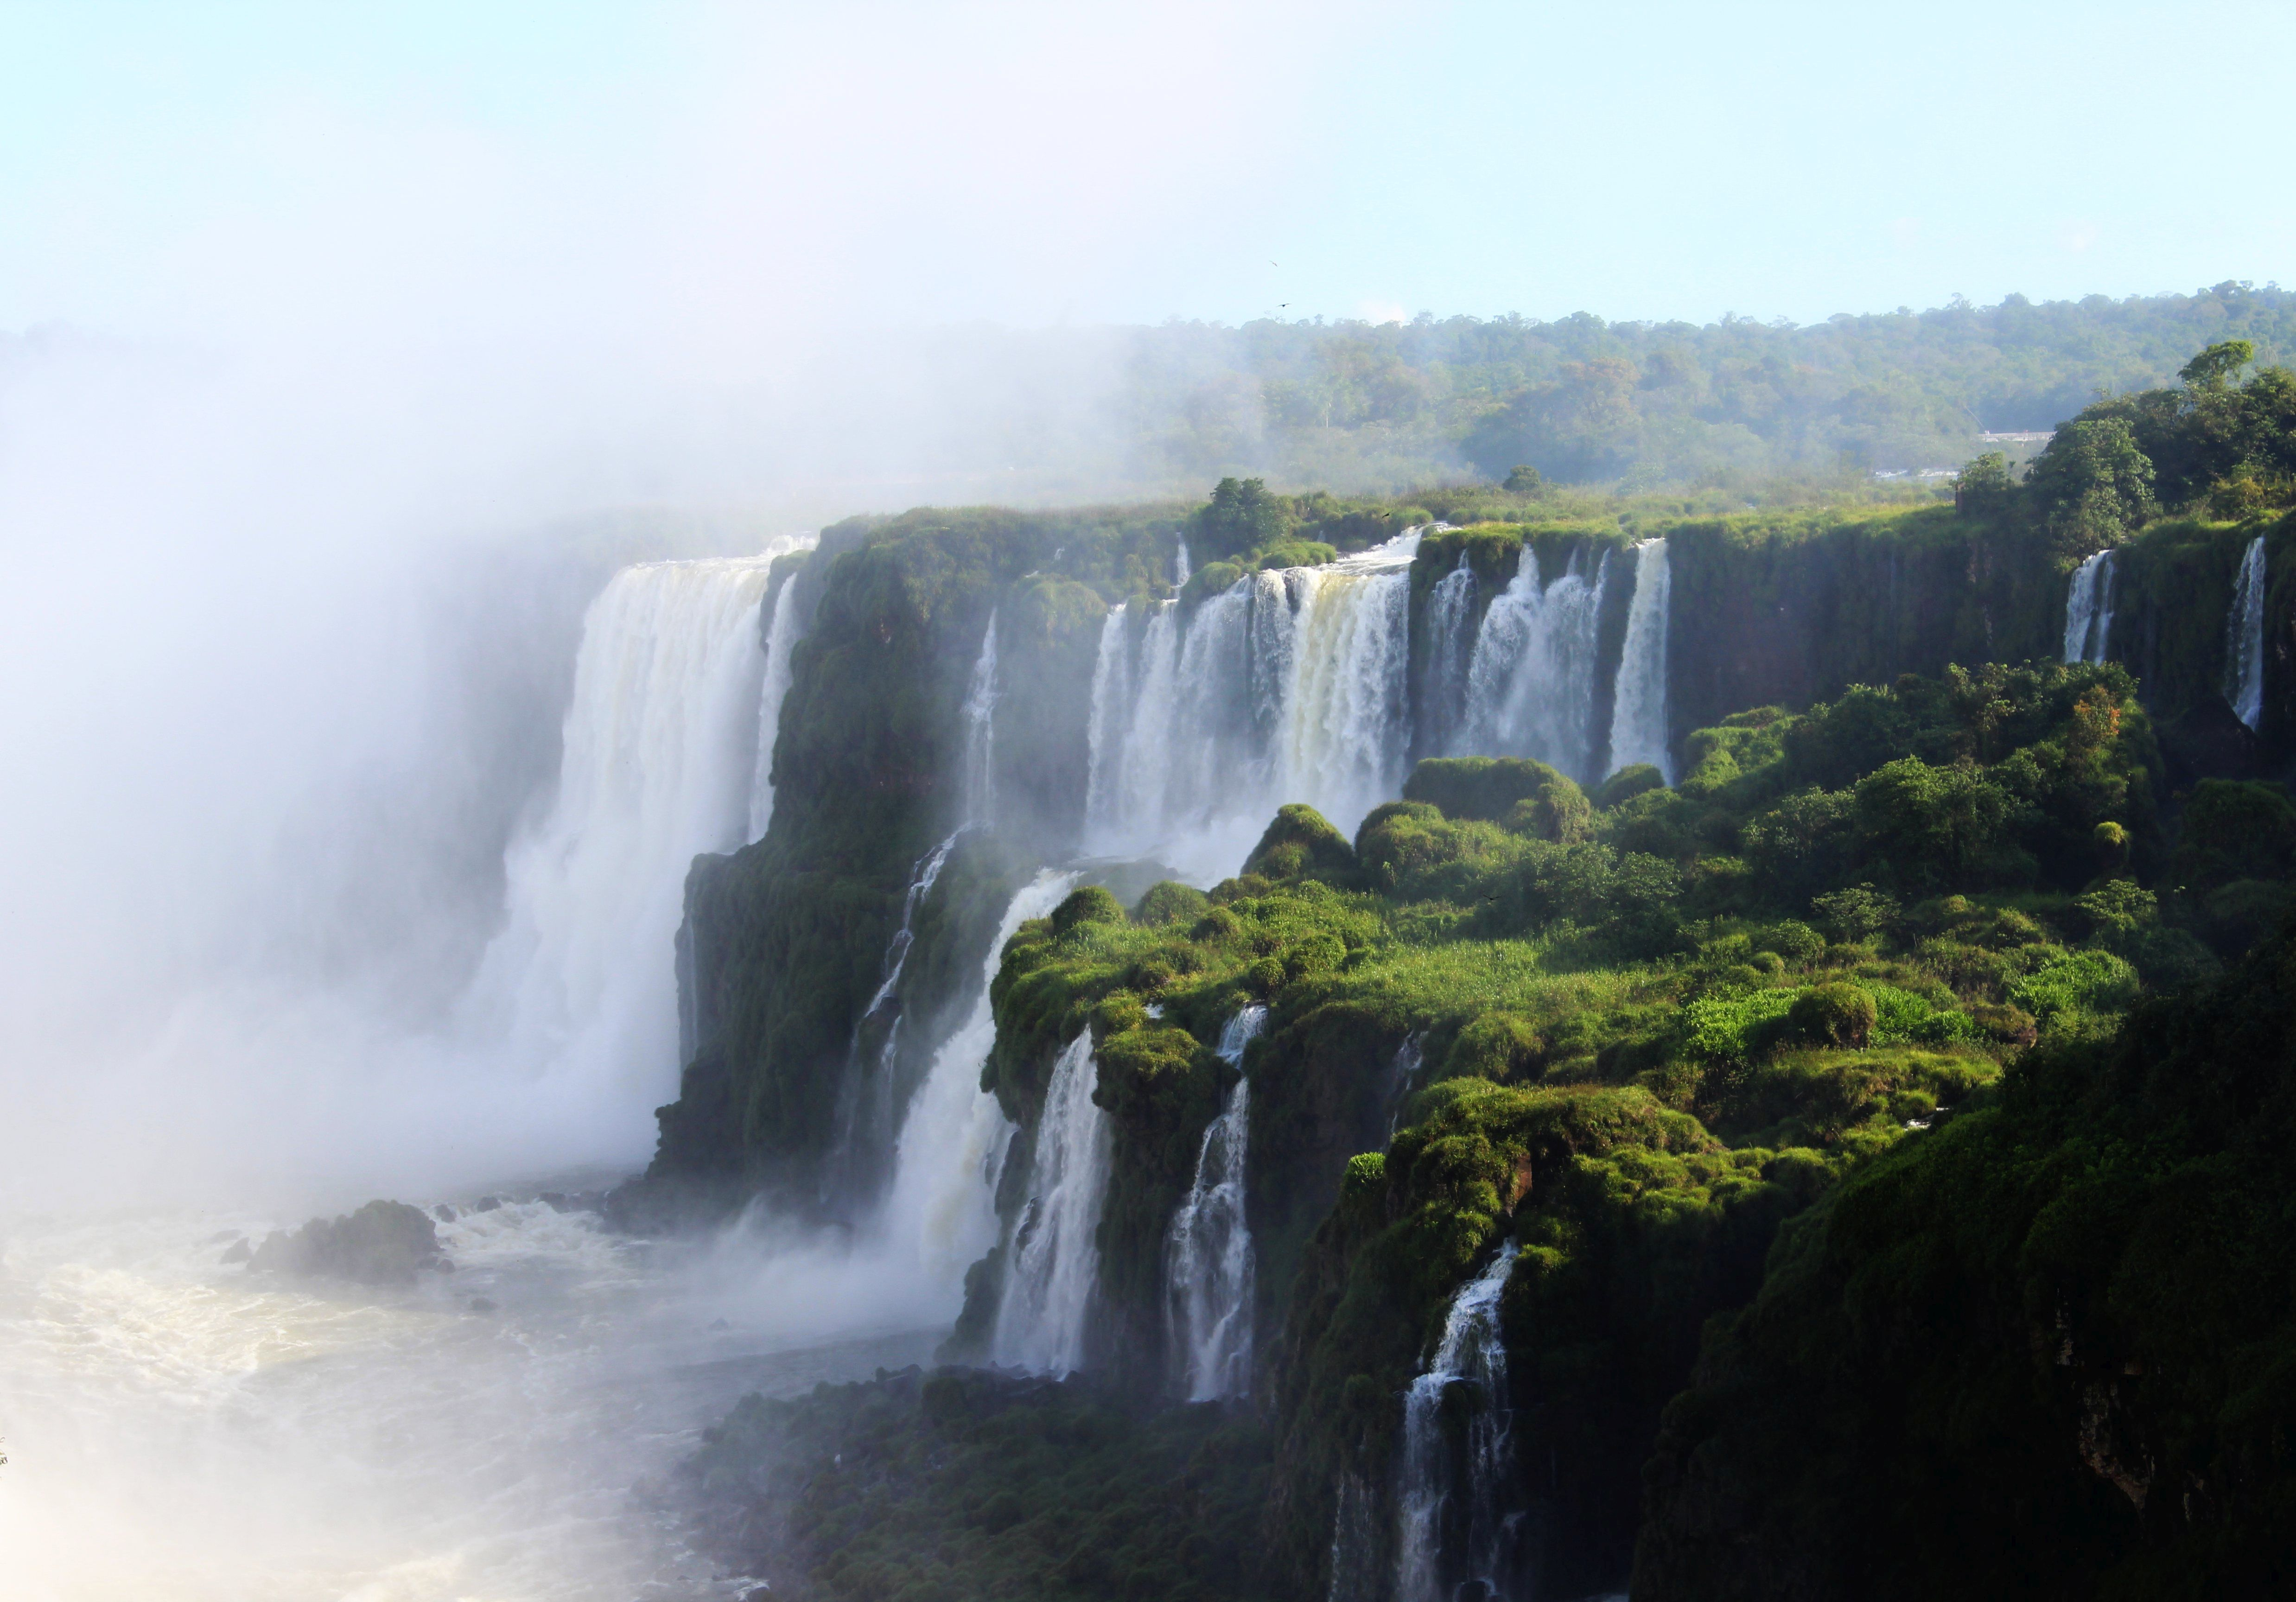 Argentína, Iguazú-vízesés. Fotó: Papp Éva